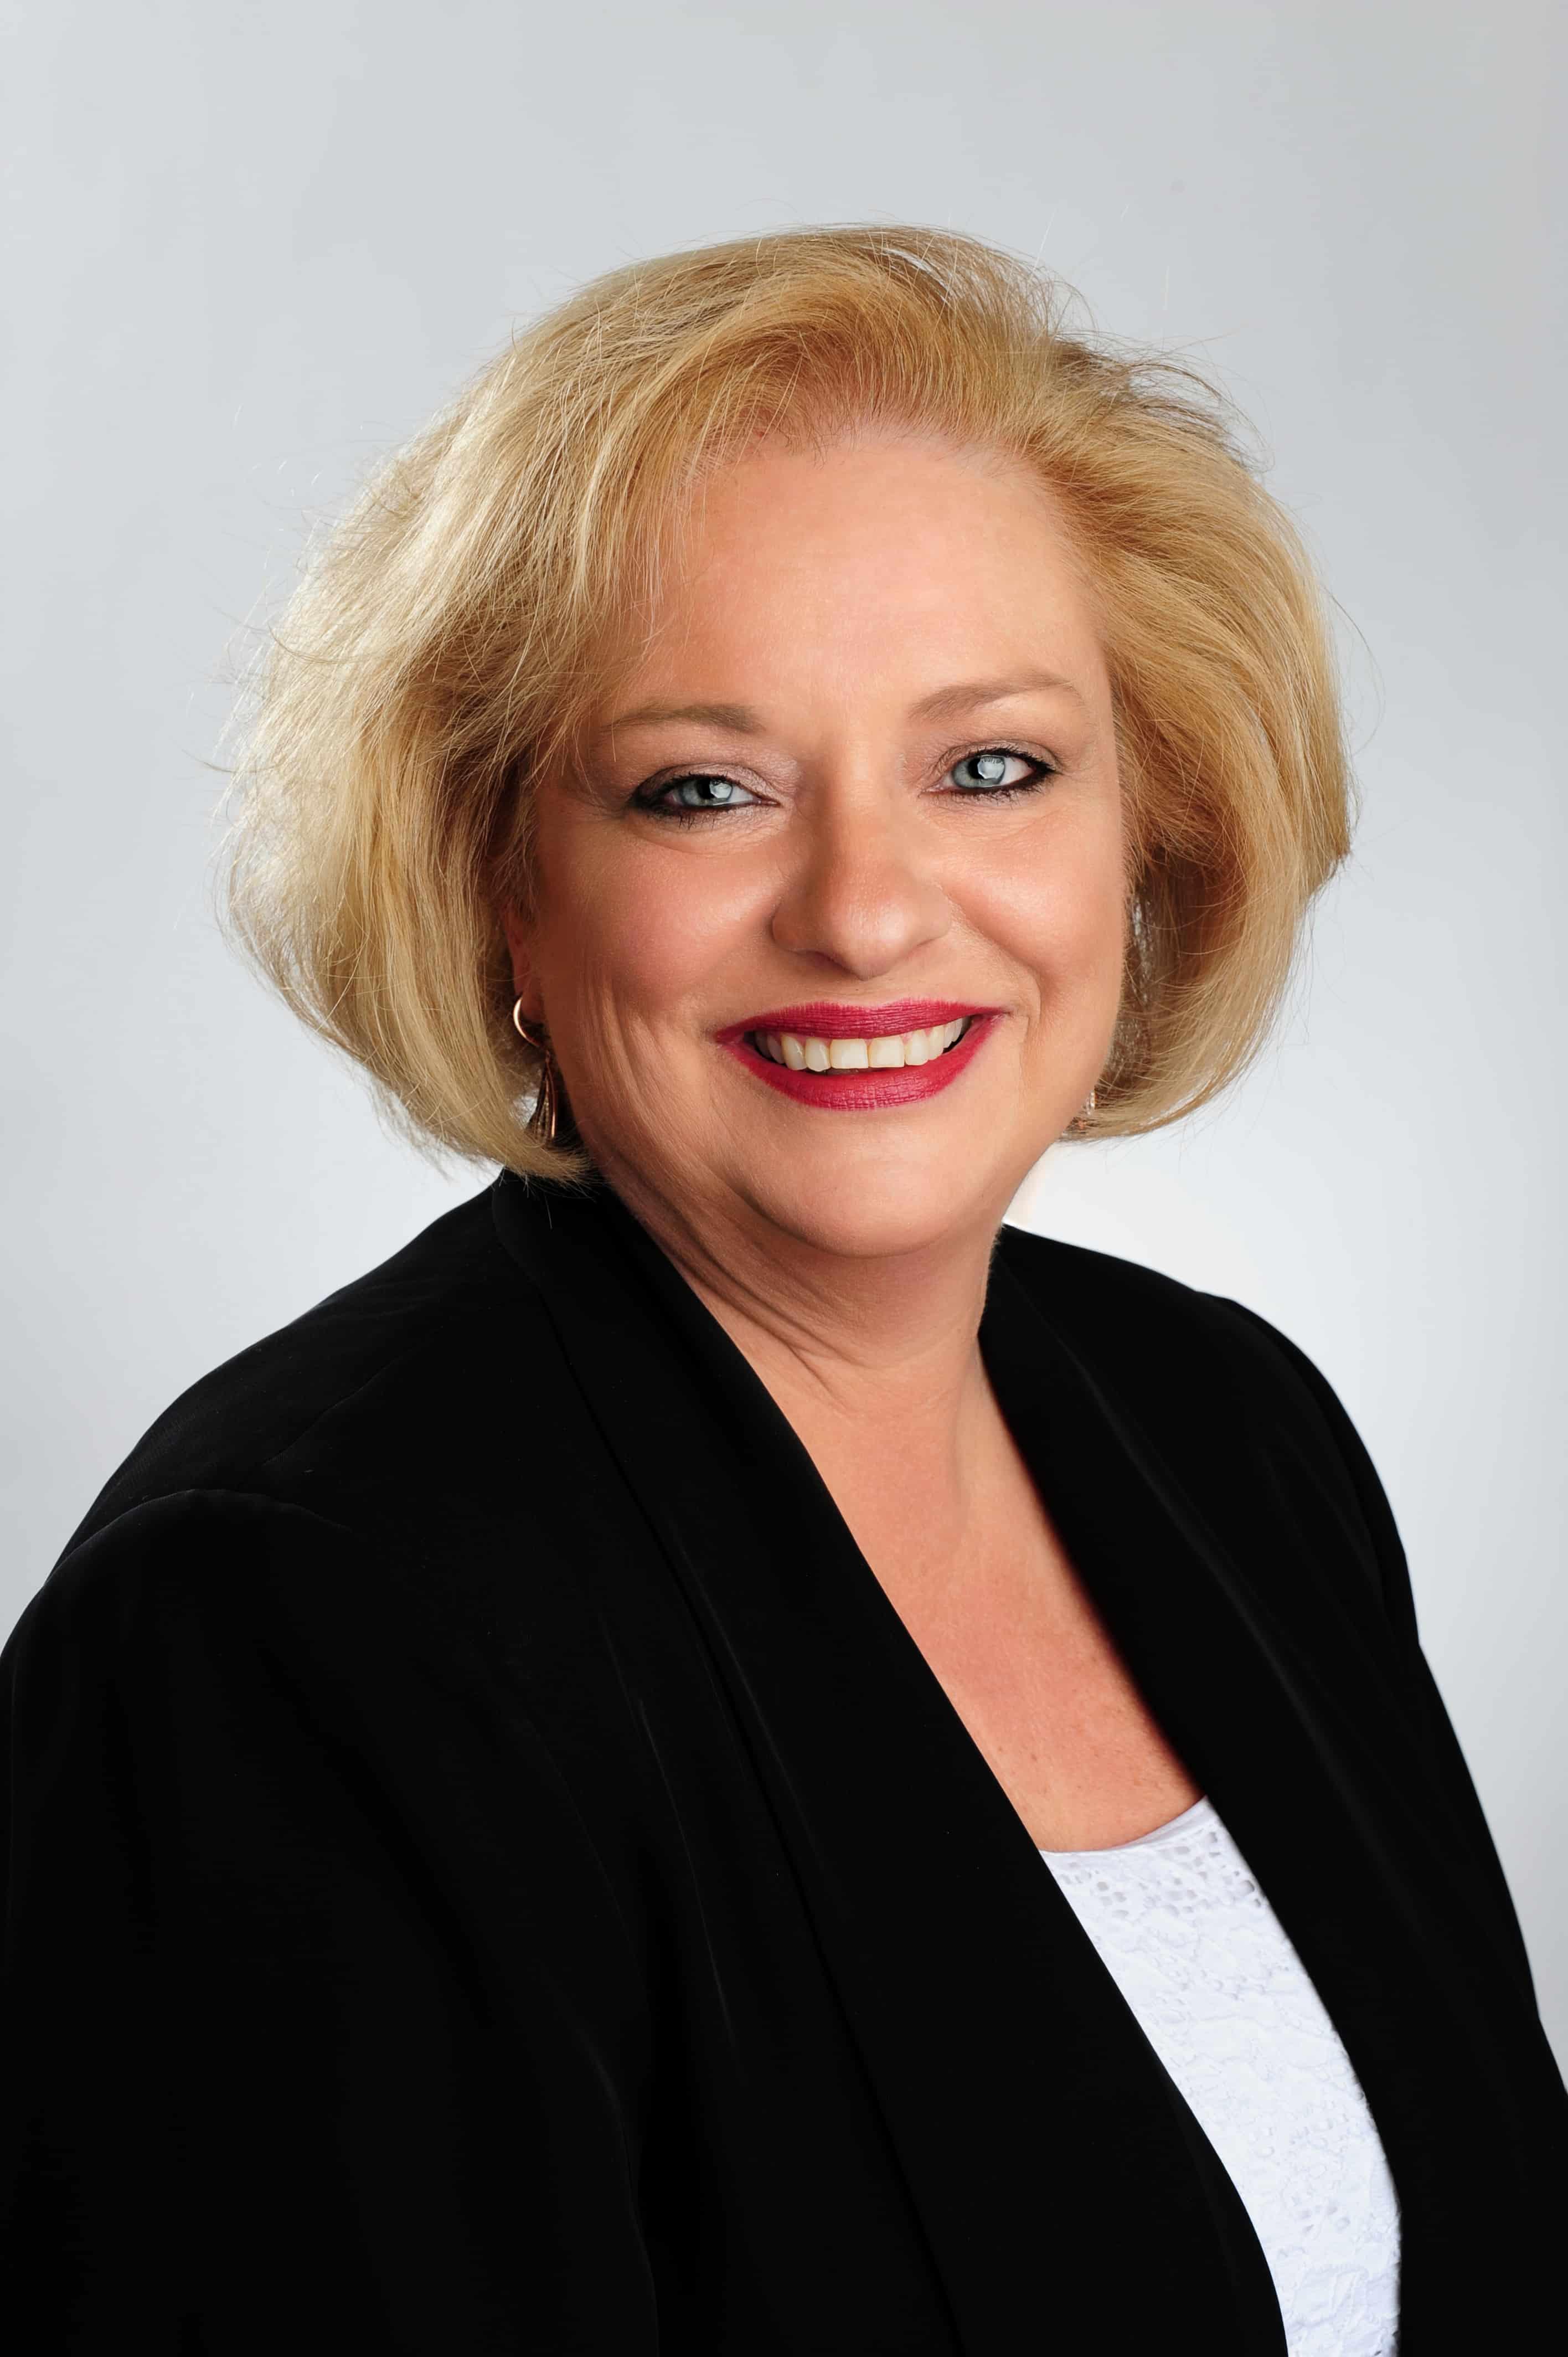 Dr. Gina M. Saffo